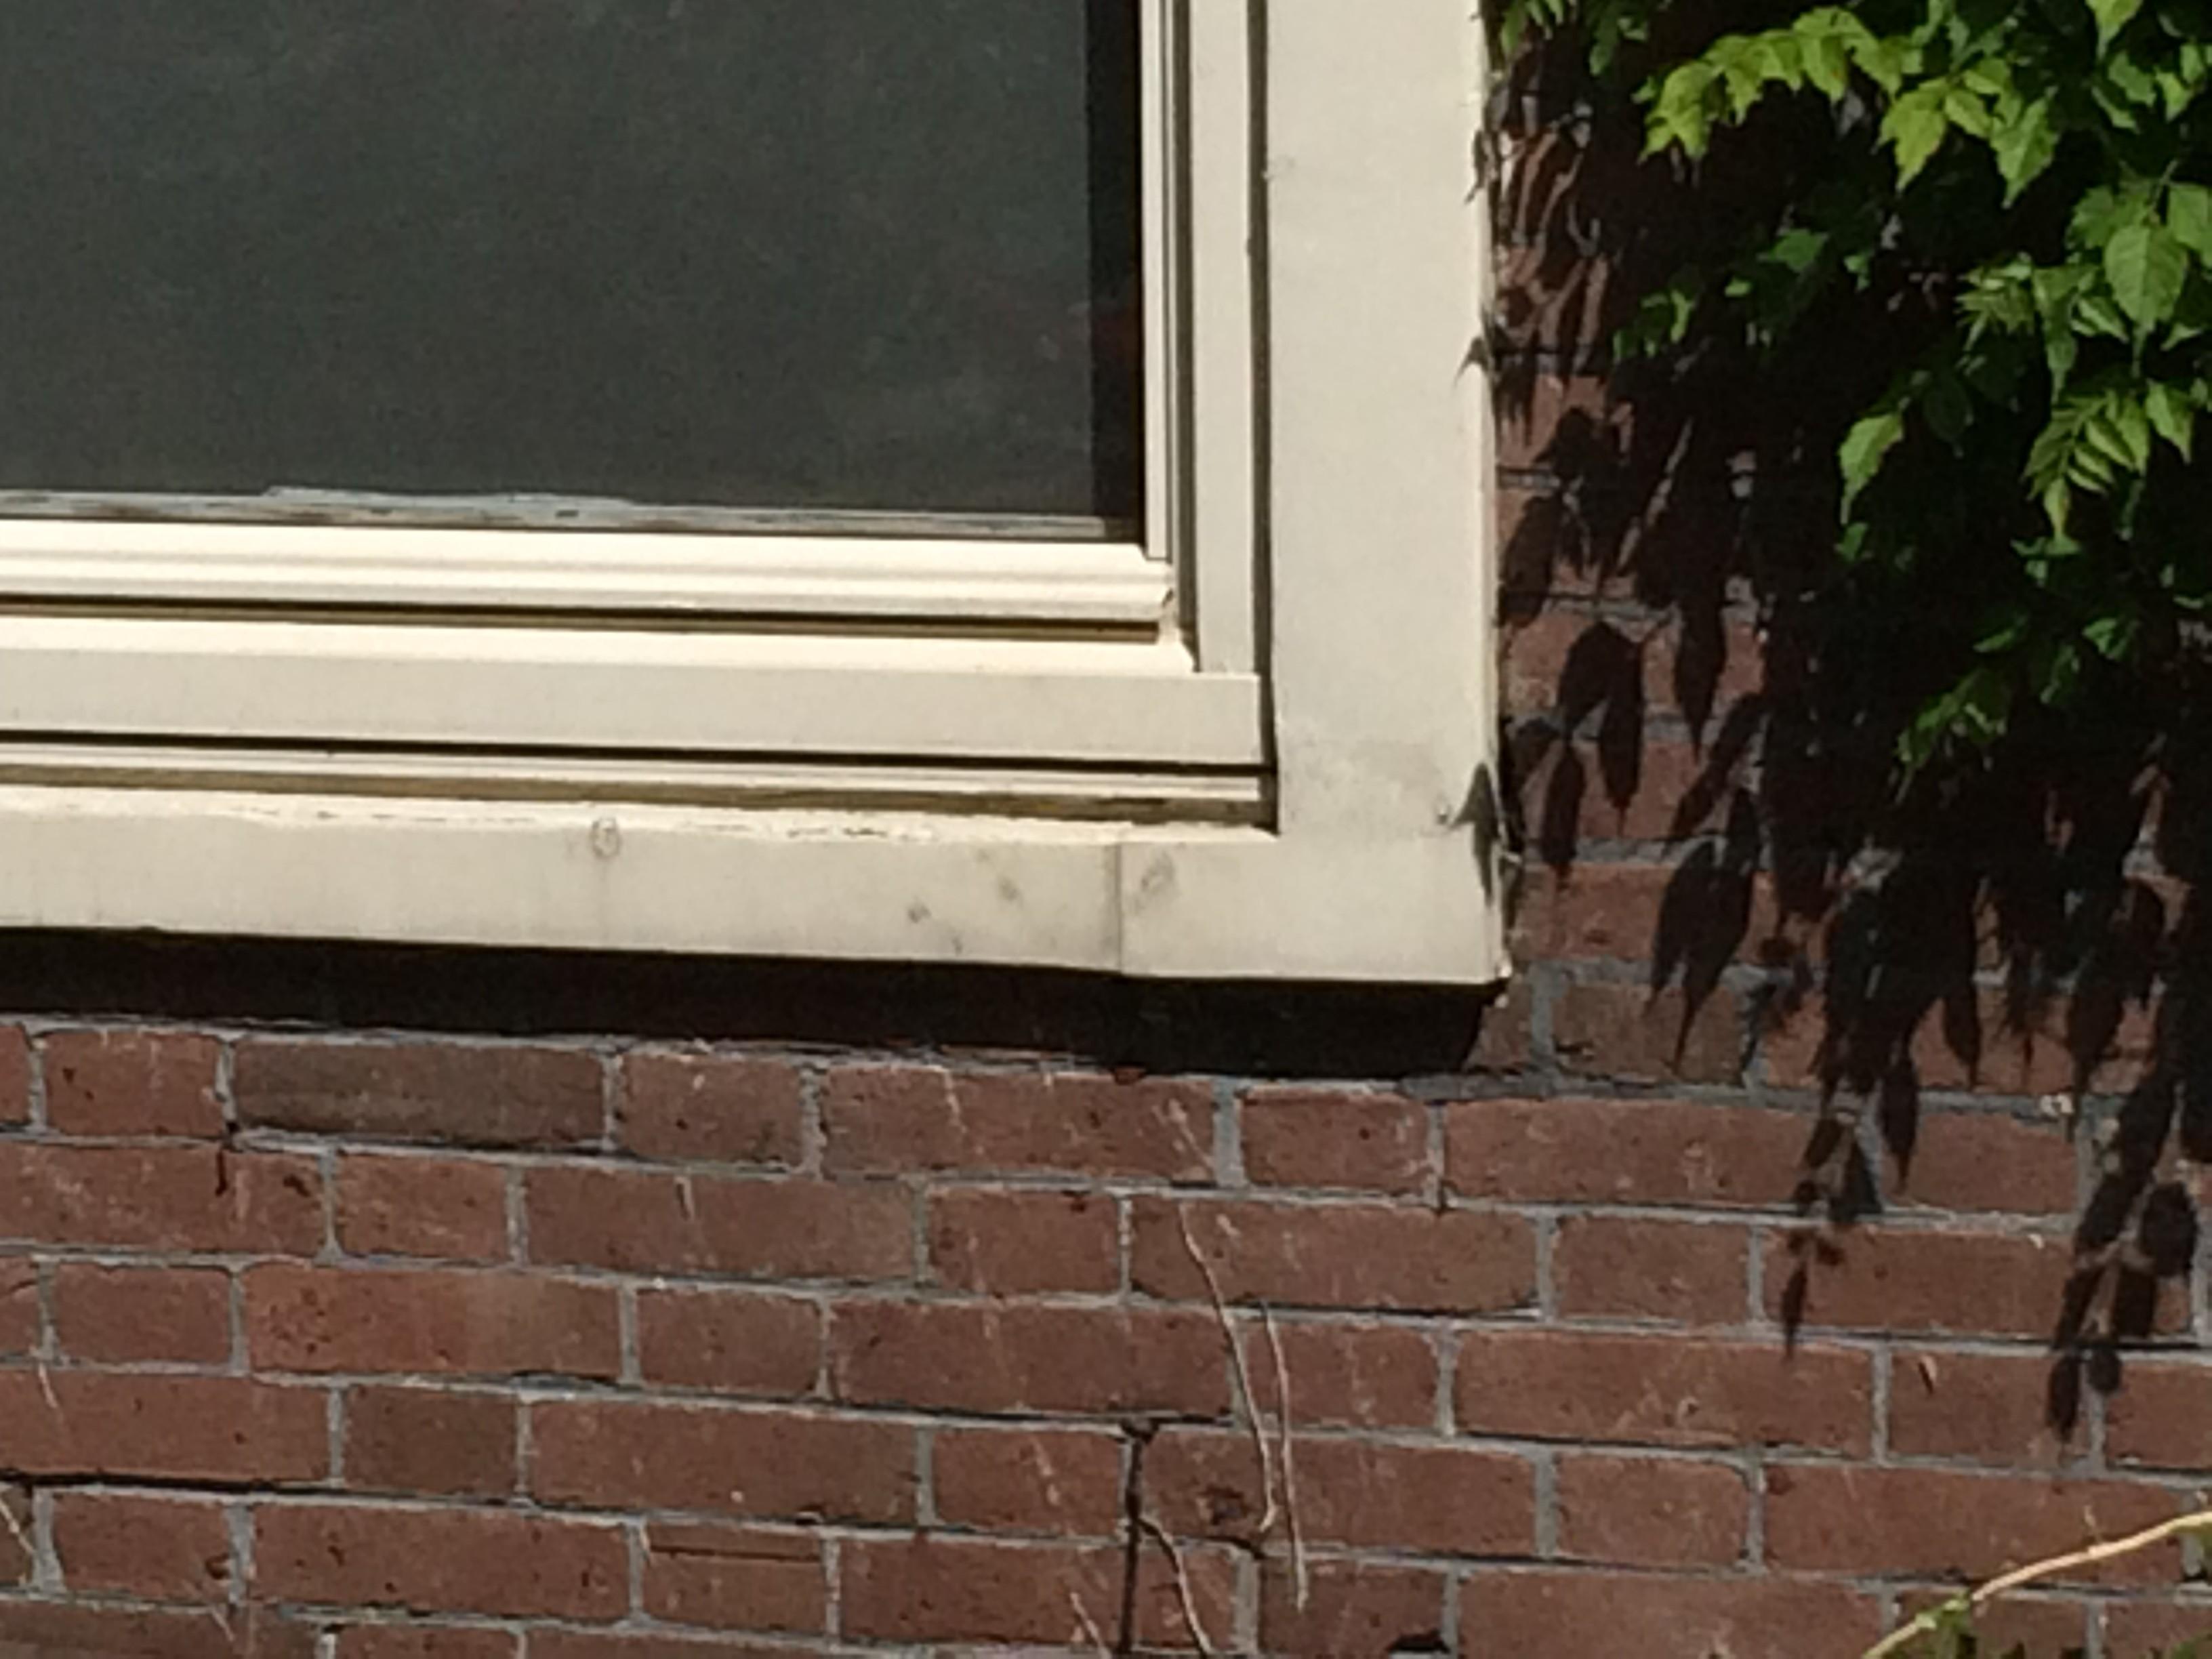 BKT_Ymere_amsterdam_vechtstraat_balkon_renovatie_schilderwerk_houtrot_planmatig_onderhoud_07.jpg